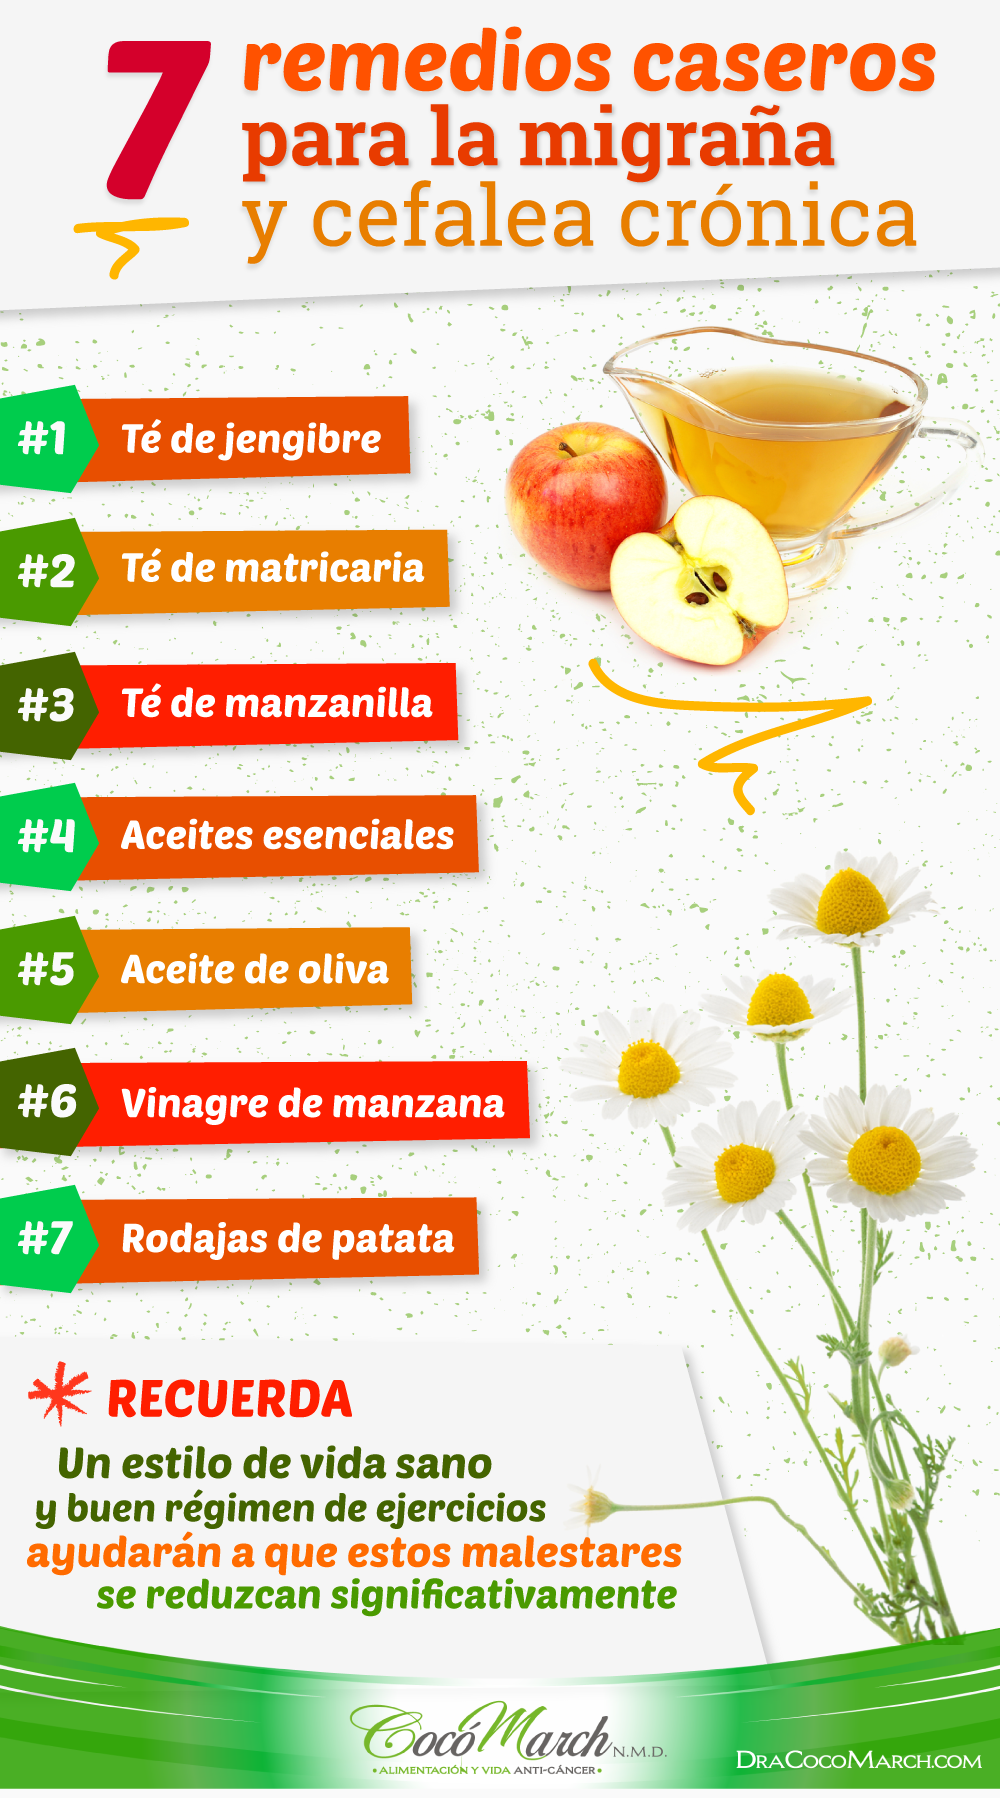 7 Remedios Caseros Para Combatir La Migrana Cronica Coco March Remedios Naturales Para Dolor De Cabeza Remedios Migrana